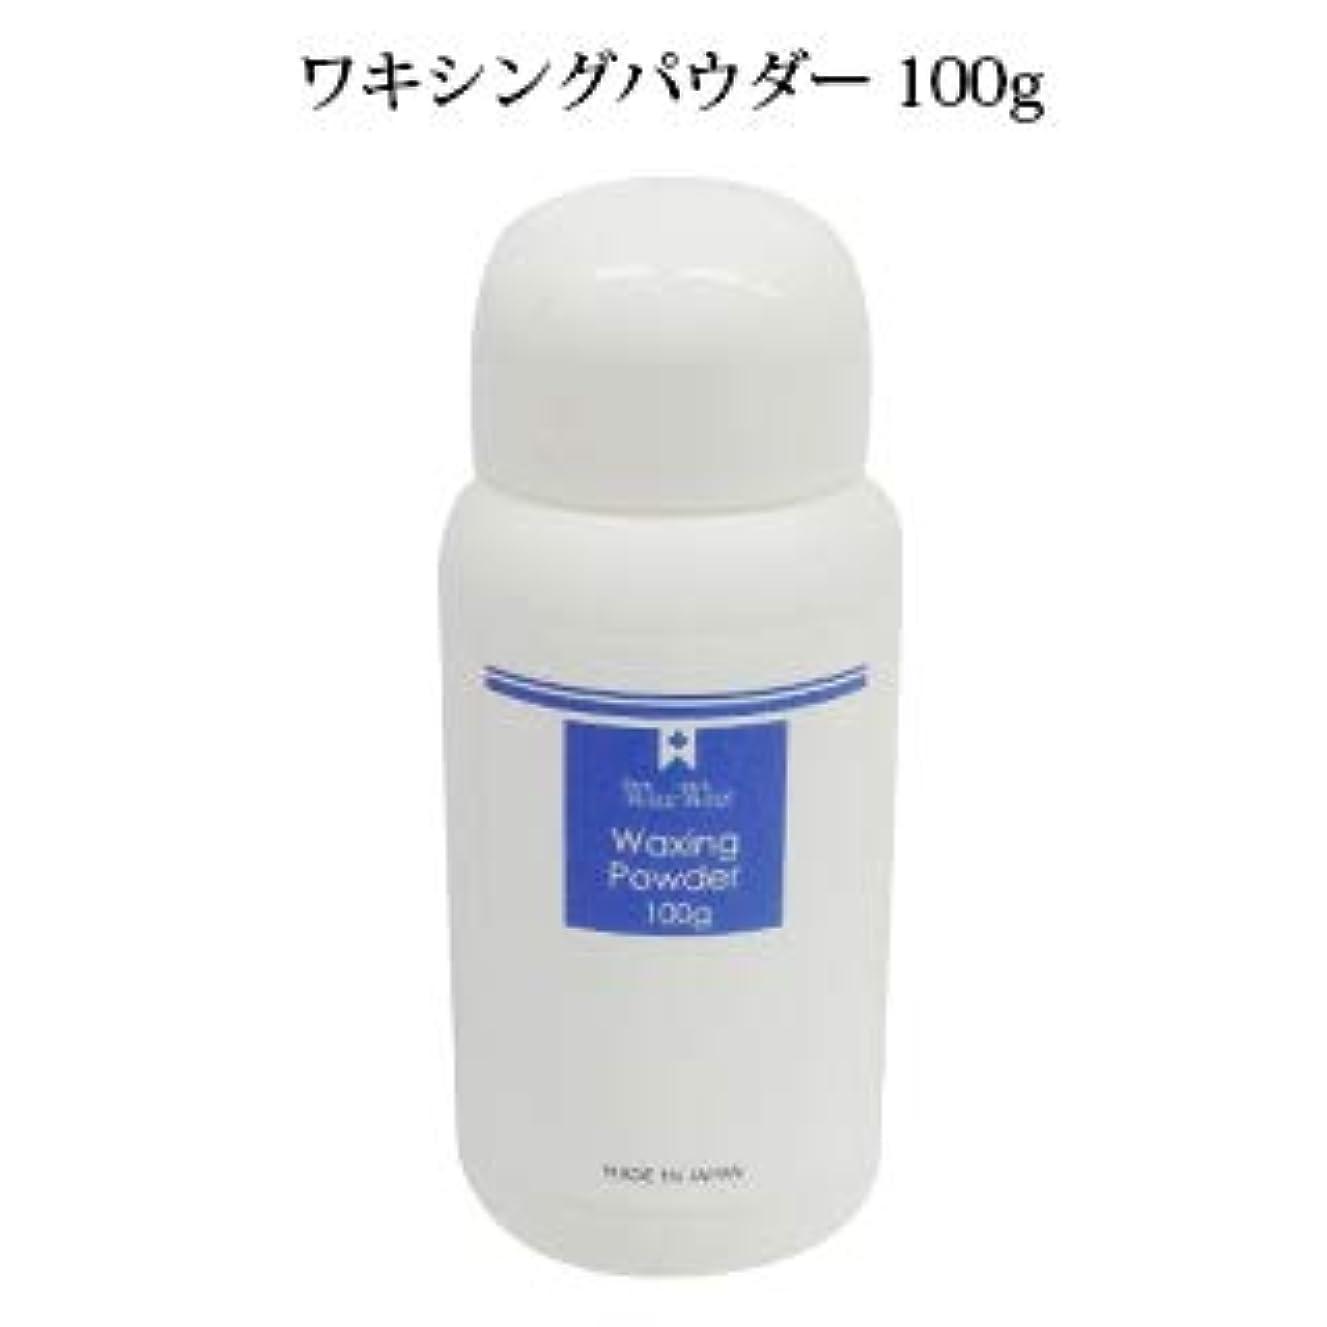 足首清める知的WaxWax ワキシングパウダー 100g ~施術前処理~